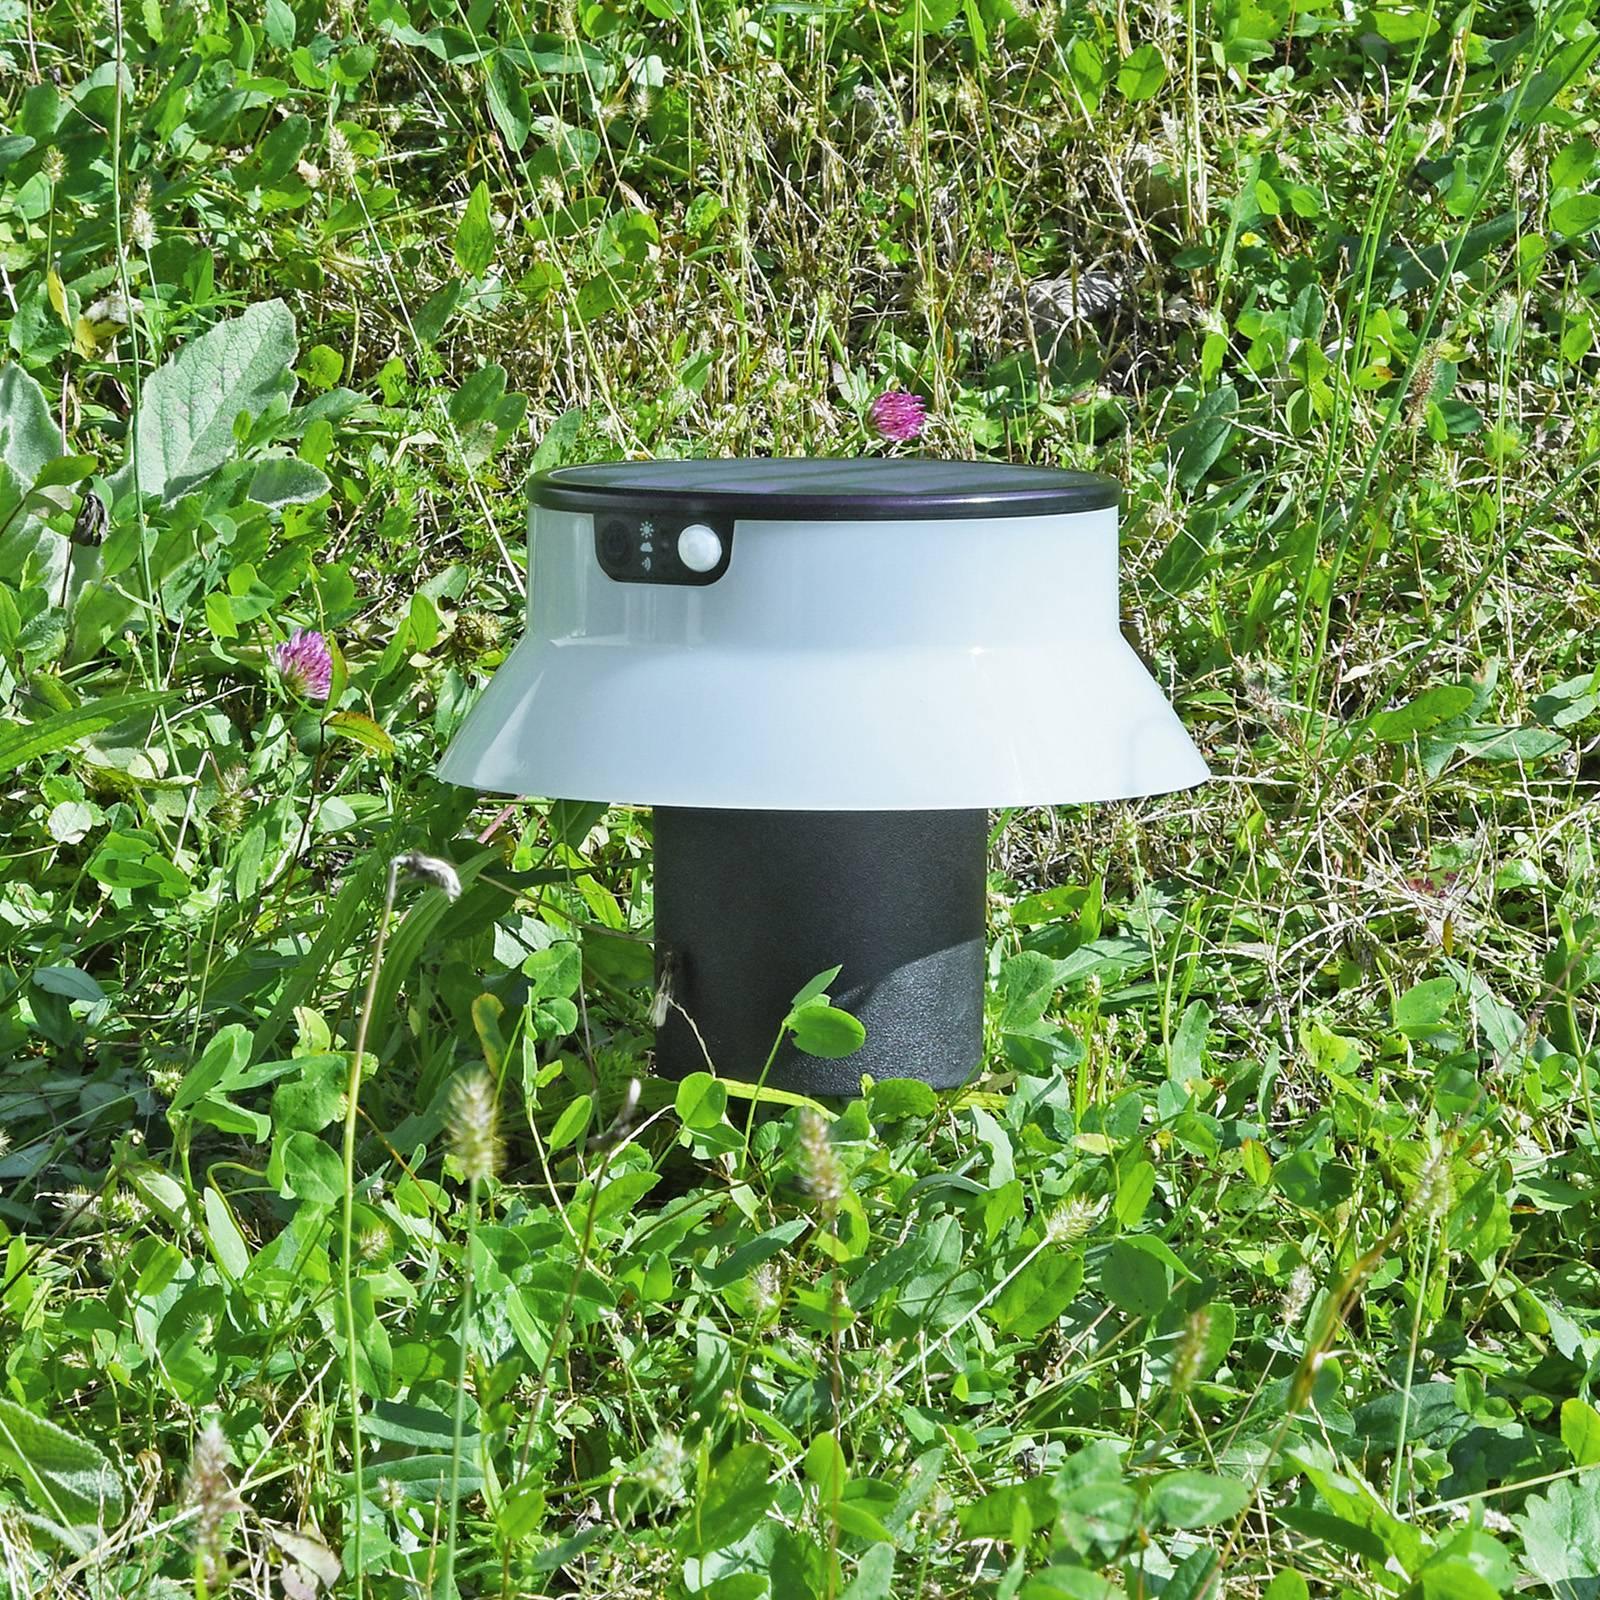 Aurinkokäyttöinen LED-lamppu Felice CCT, maapiikki